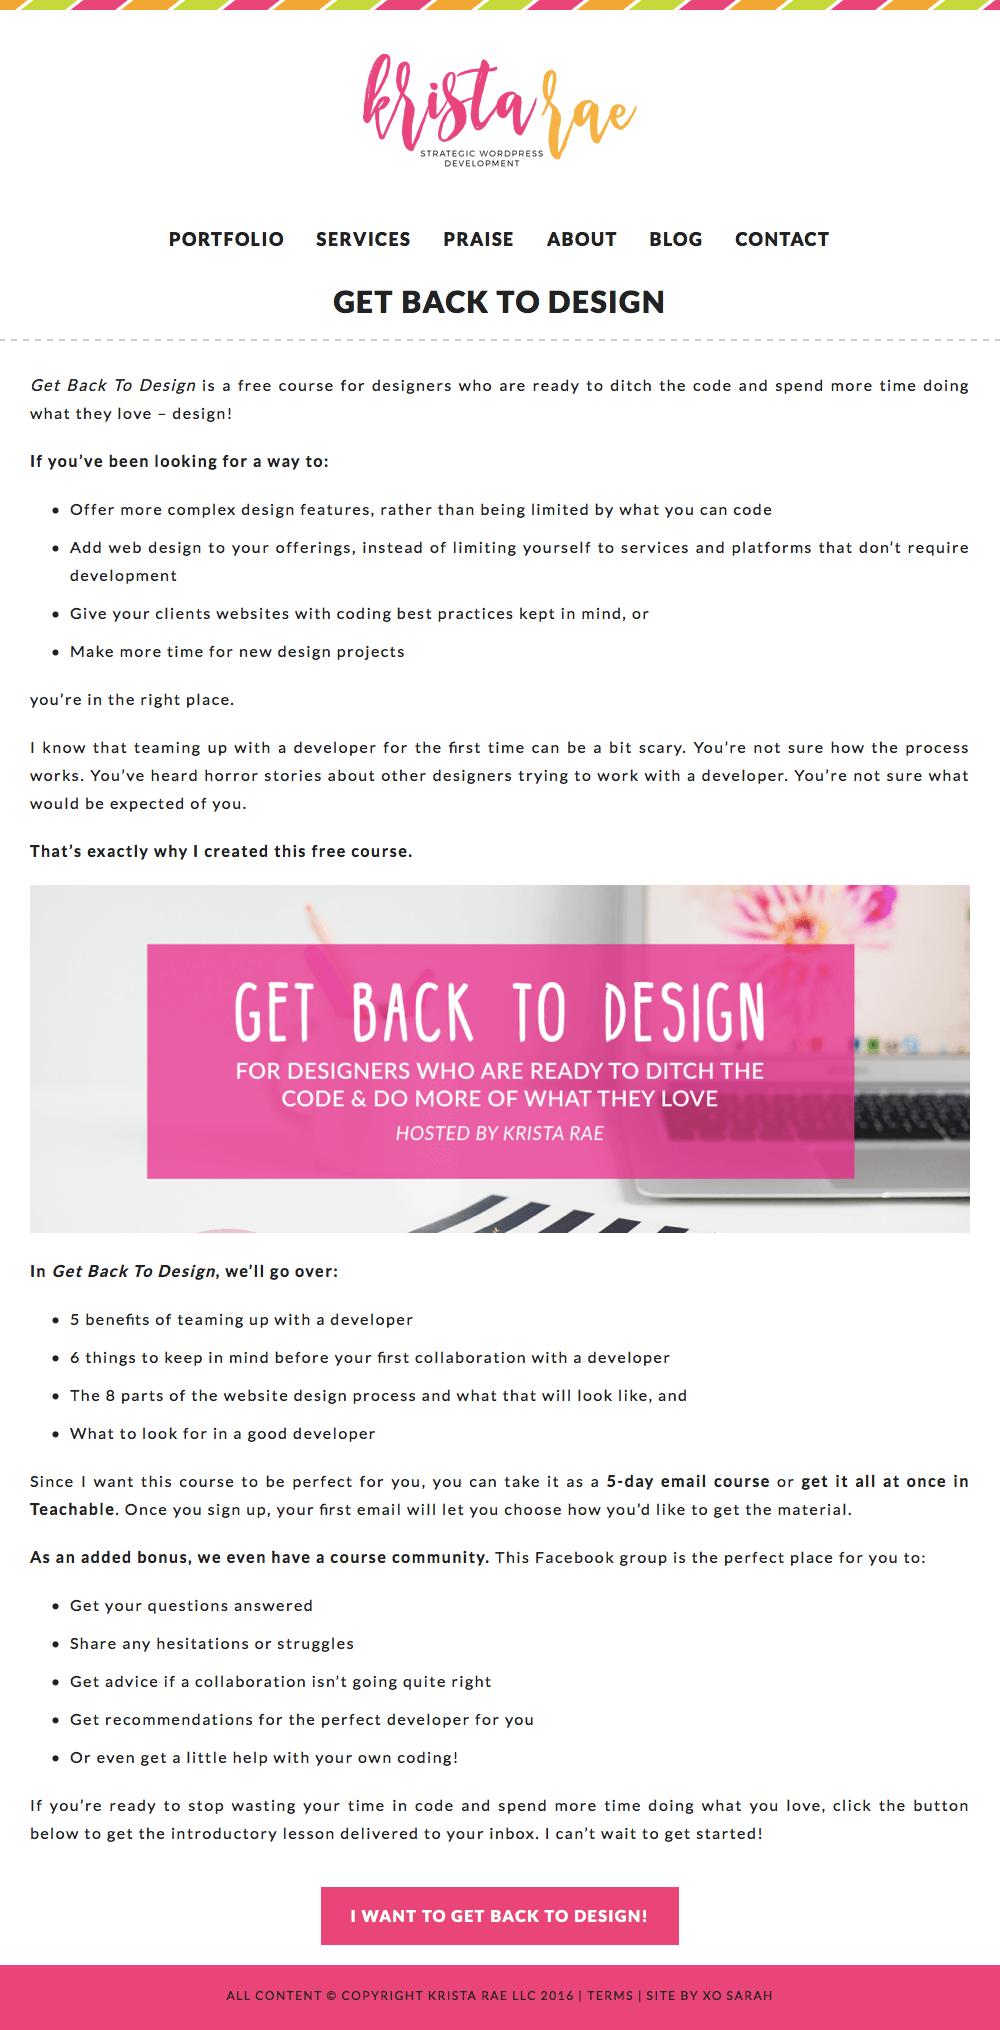 Get Back to Design